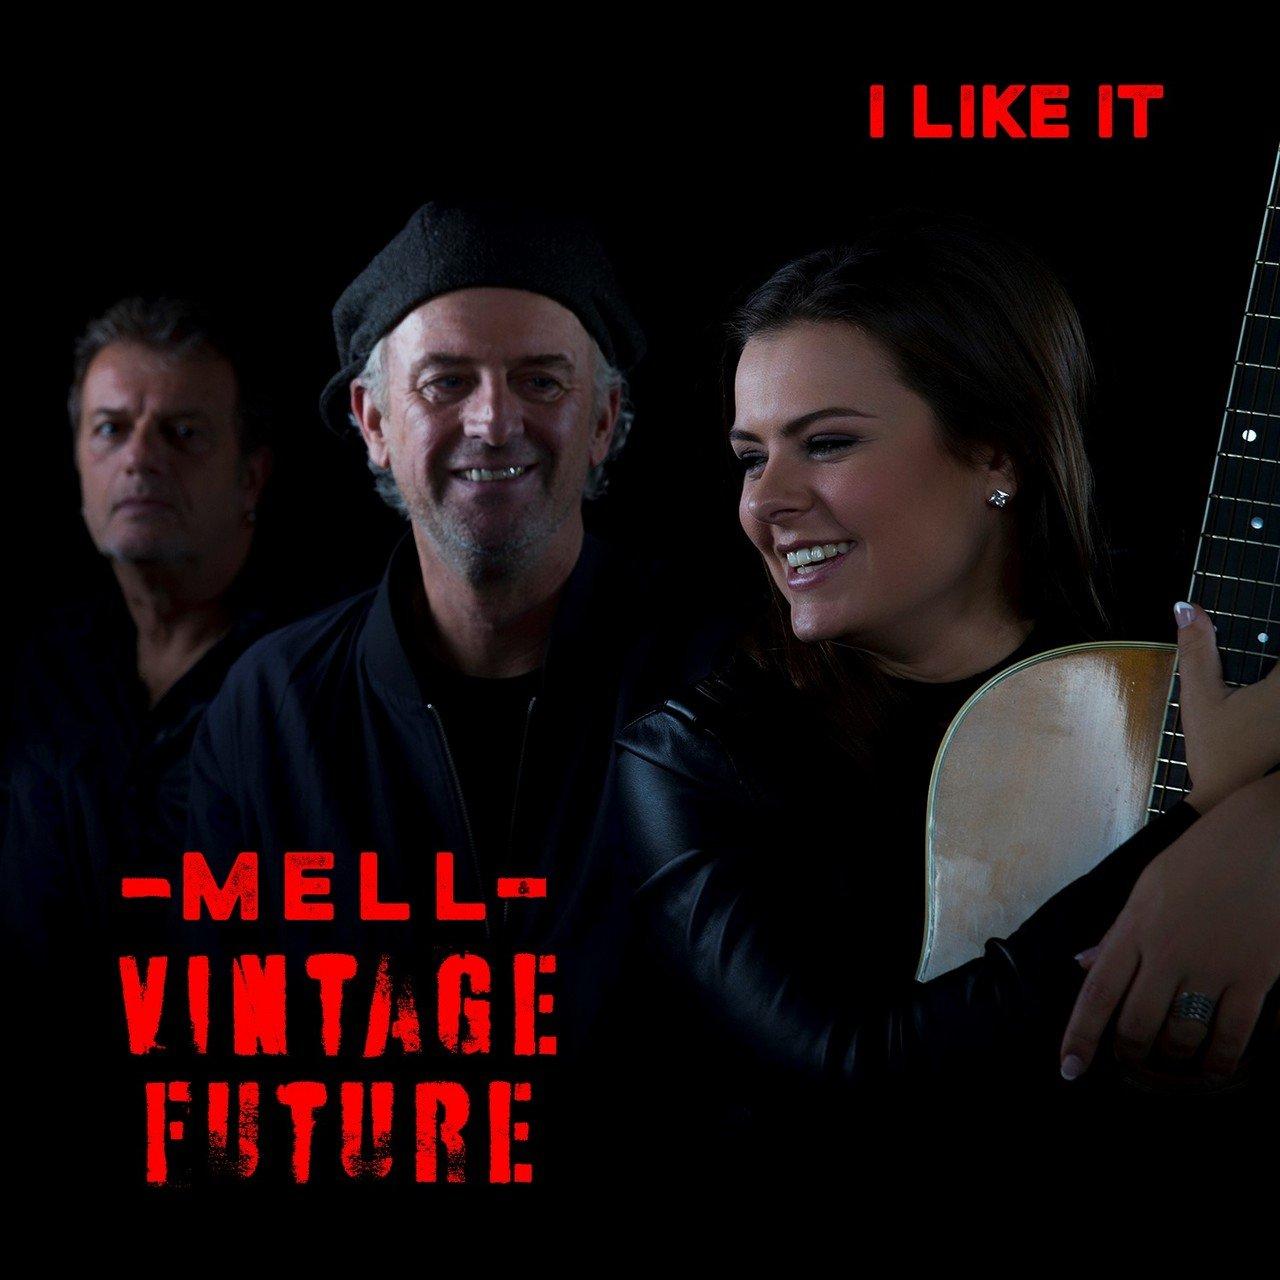 Mell & Vintage Future nu ook in Vlaanderen op de kaart dankzij nieuwe single 'I Like It' - Hoes Mell Vintage i like it